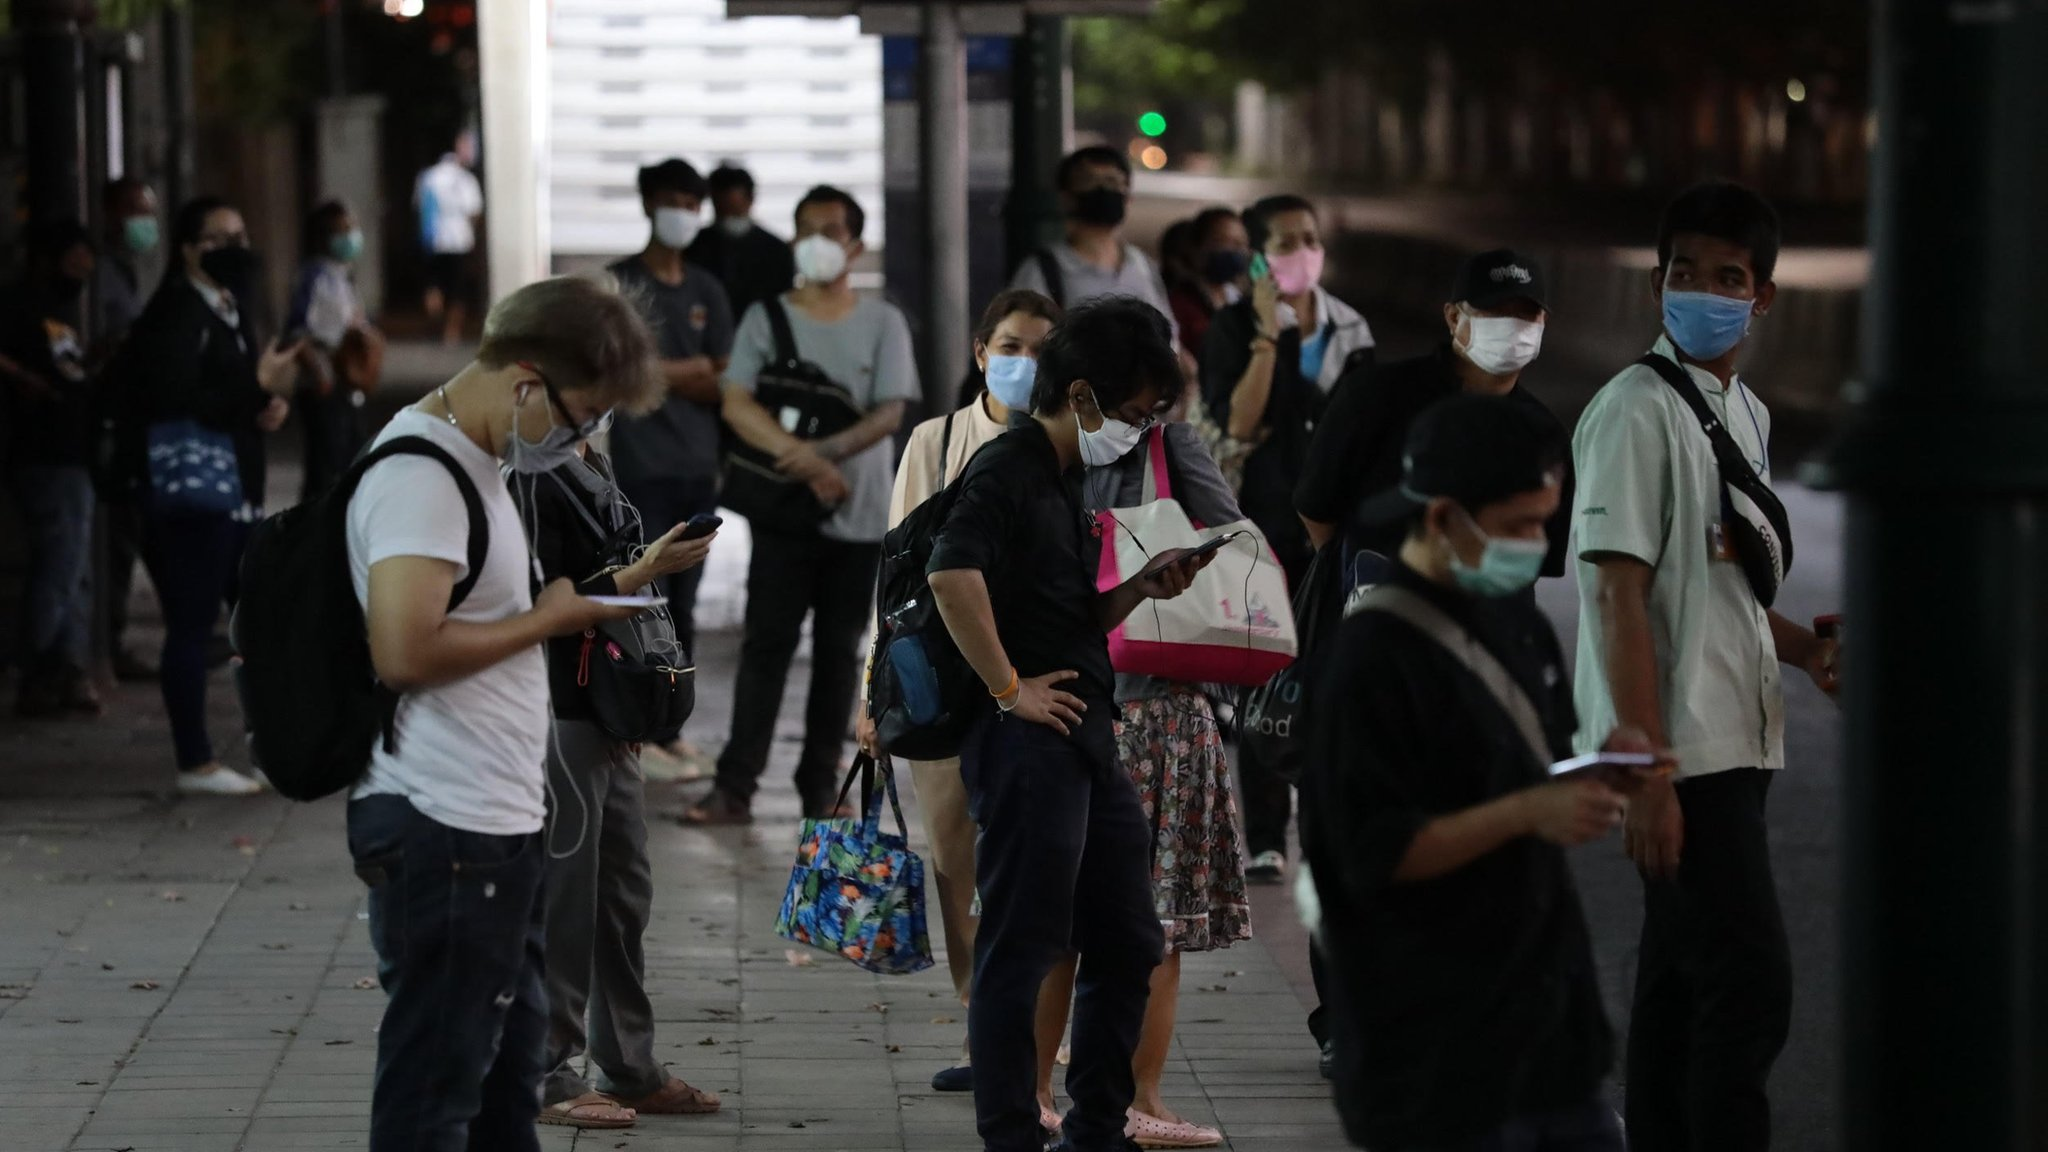 โควิด-19 : ผู้ป่วยโควิด-19 ในไทย เสียชีวิตเพิ่ม 3 ราย ยอดติดเชื้อใน กทม. ทะลุ 1 พันราย